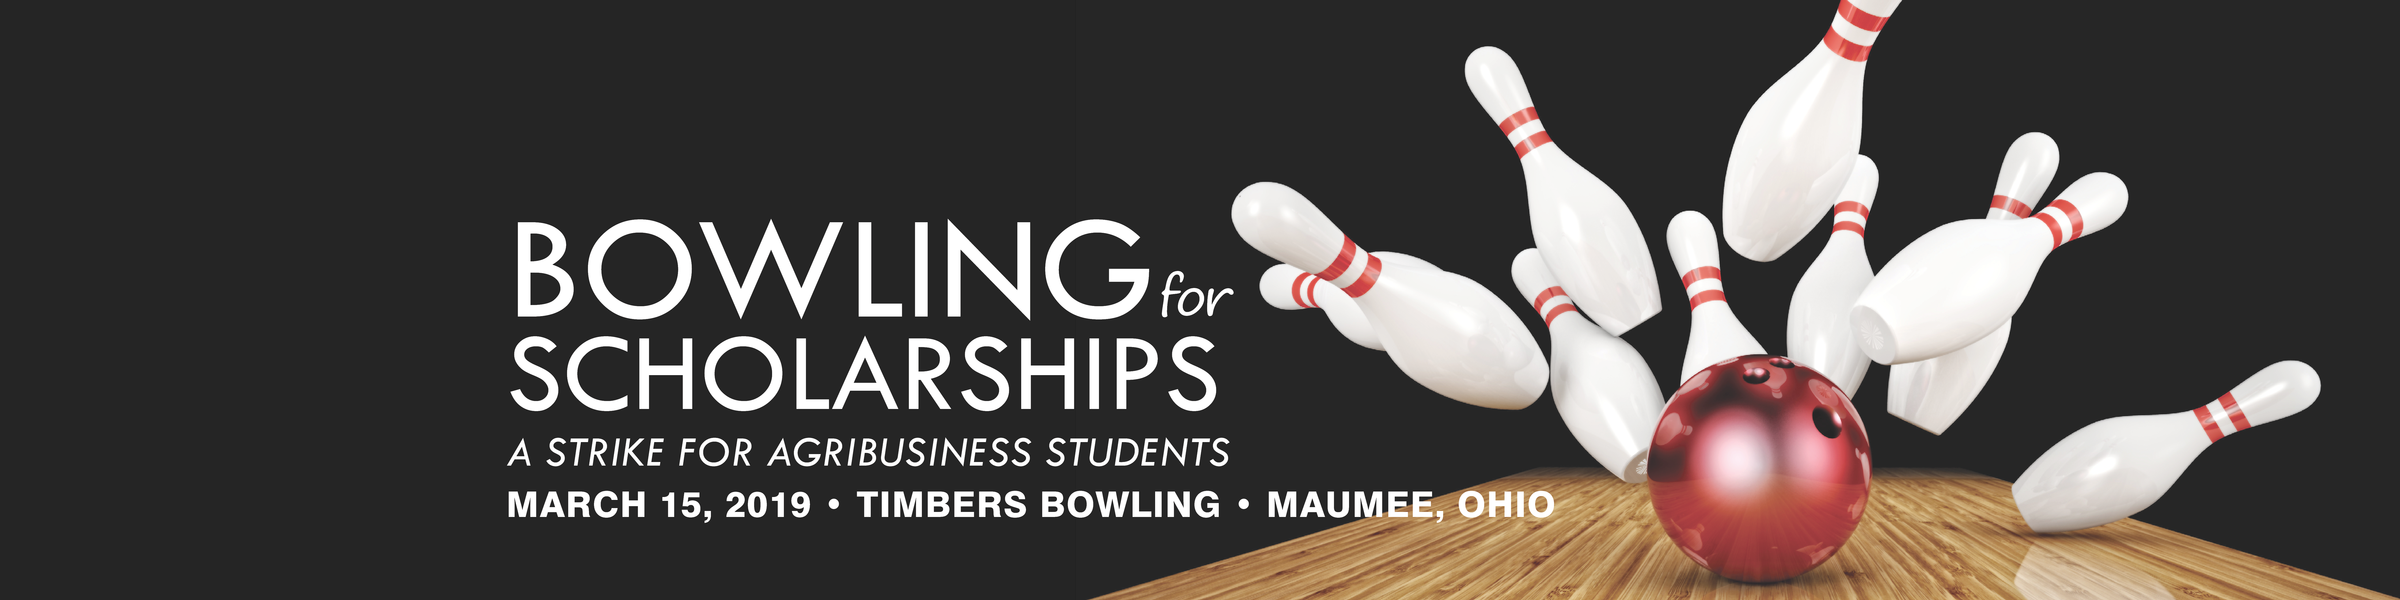 Bowling Website Header